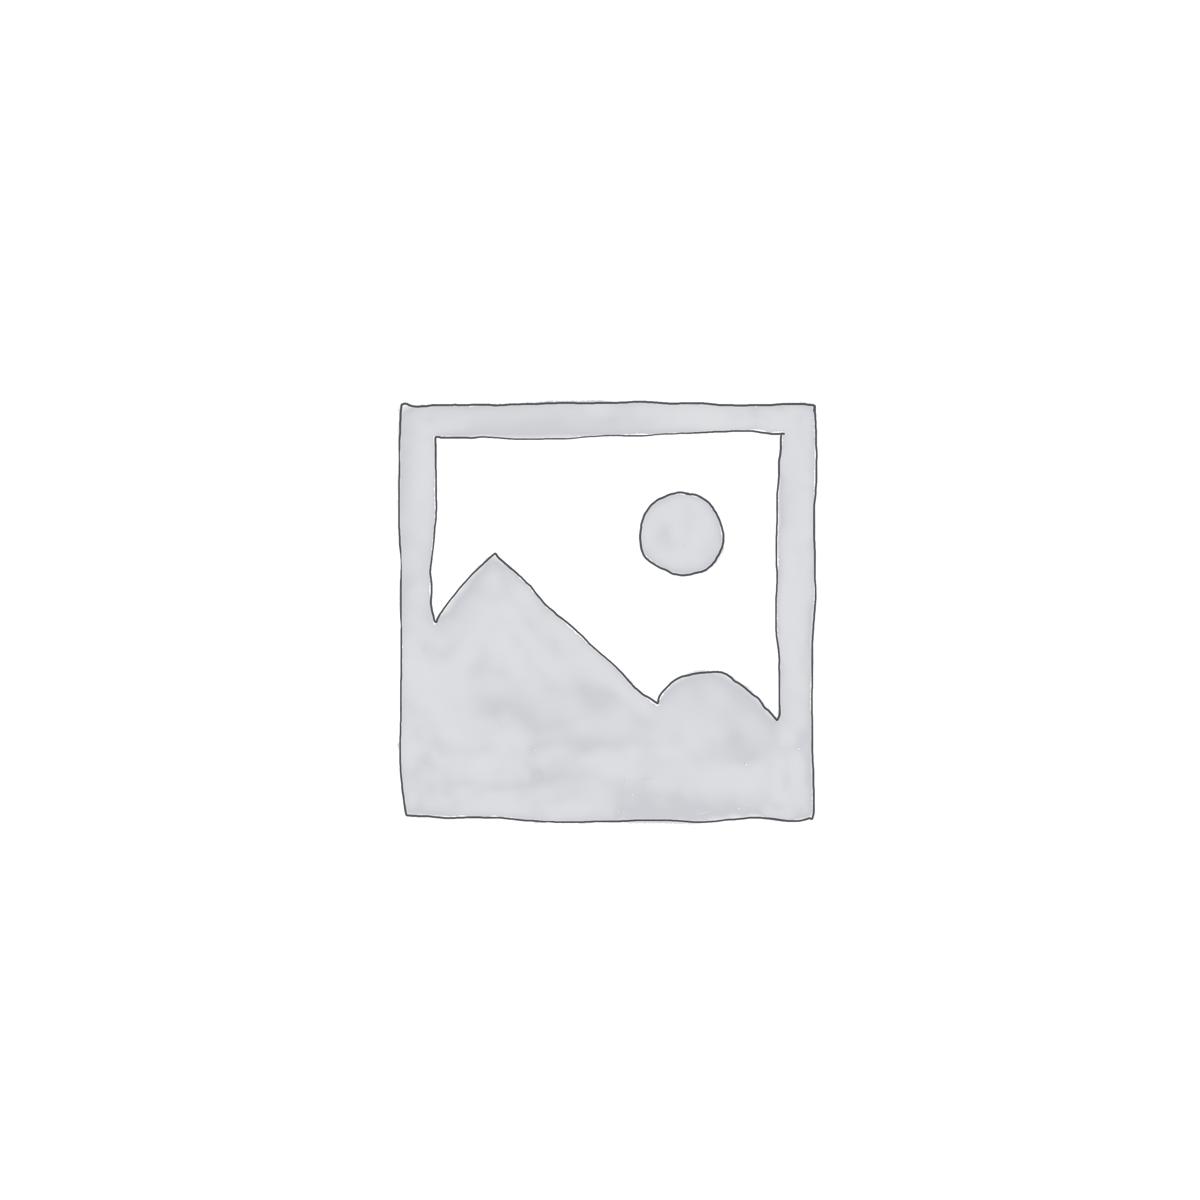 2 ΠΟΛΩΝ(2800rpm) - 2G